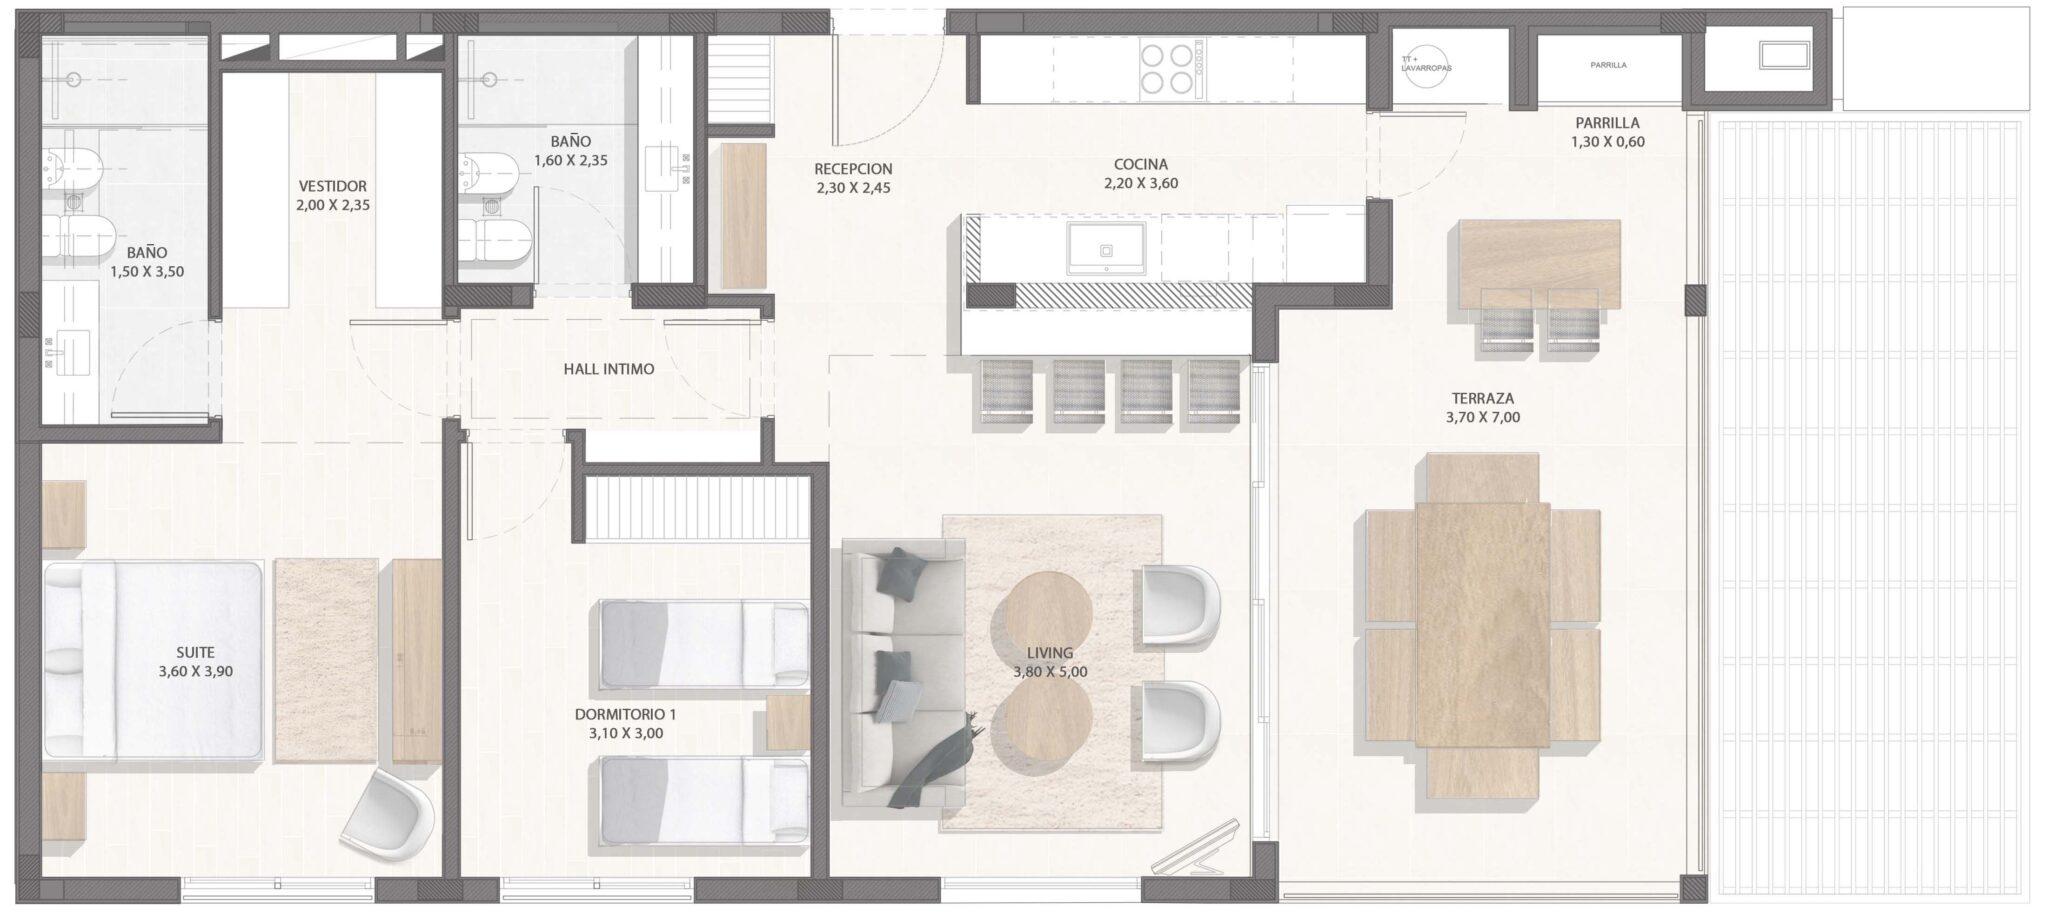 1 er y 2do piso, 2 dorm.